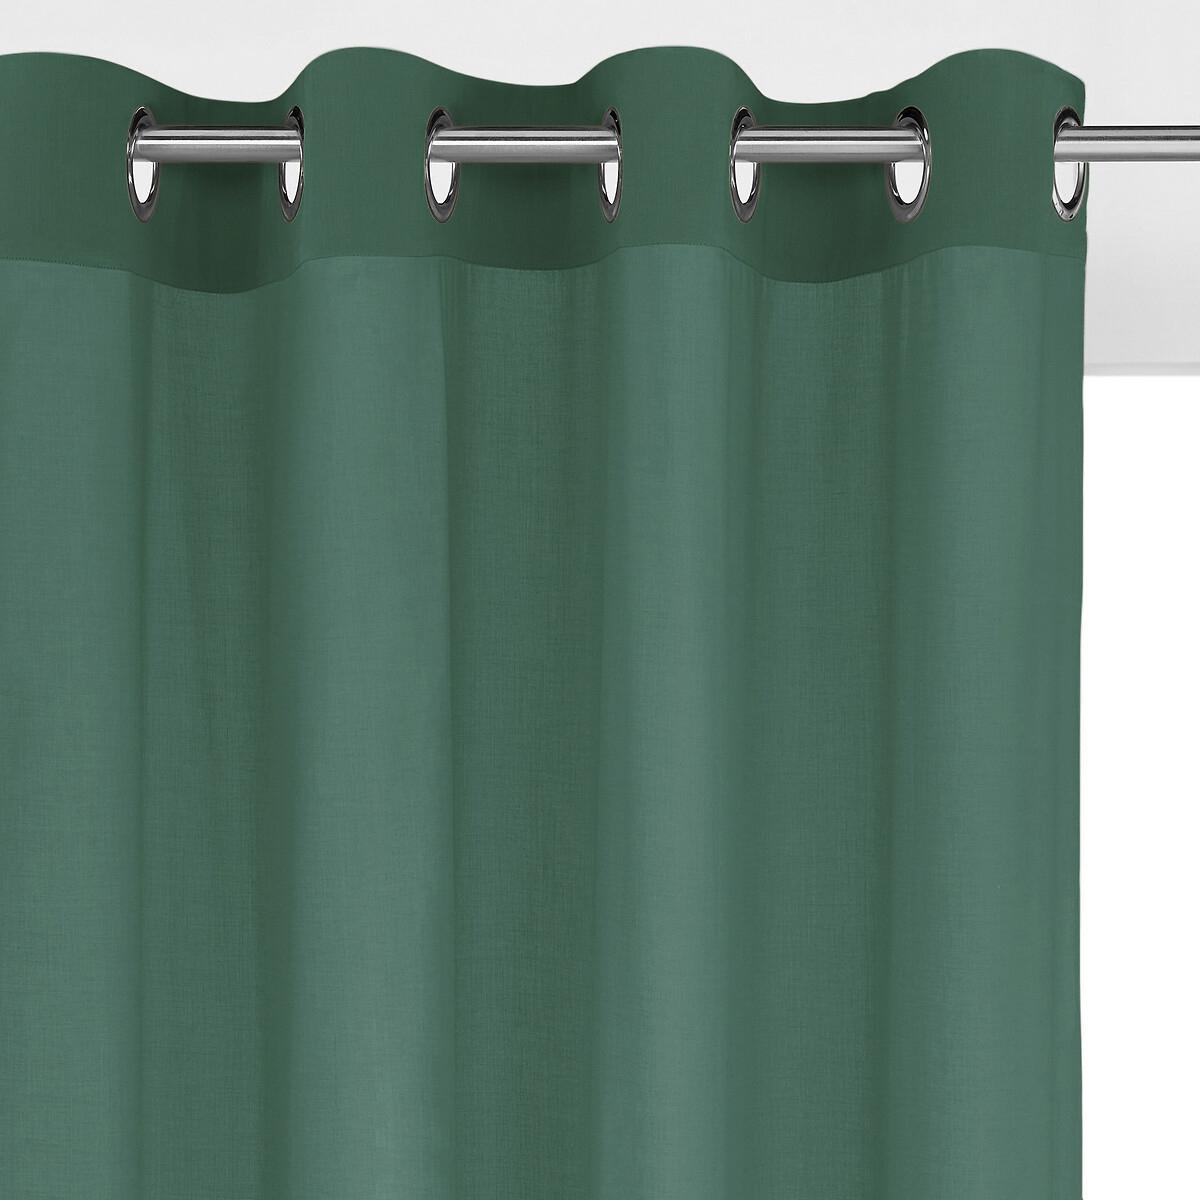 Занавеска LaRedoute С отверстиями 100 хлопок Scenario 180 x 135 см зеленый